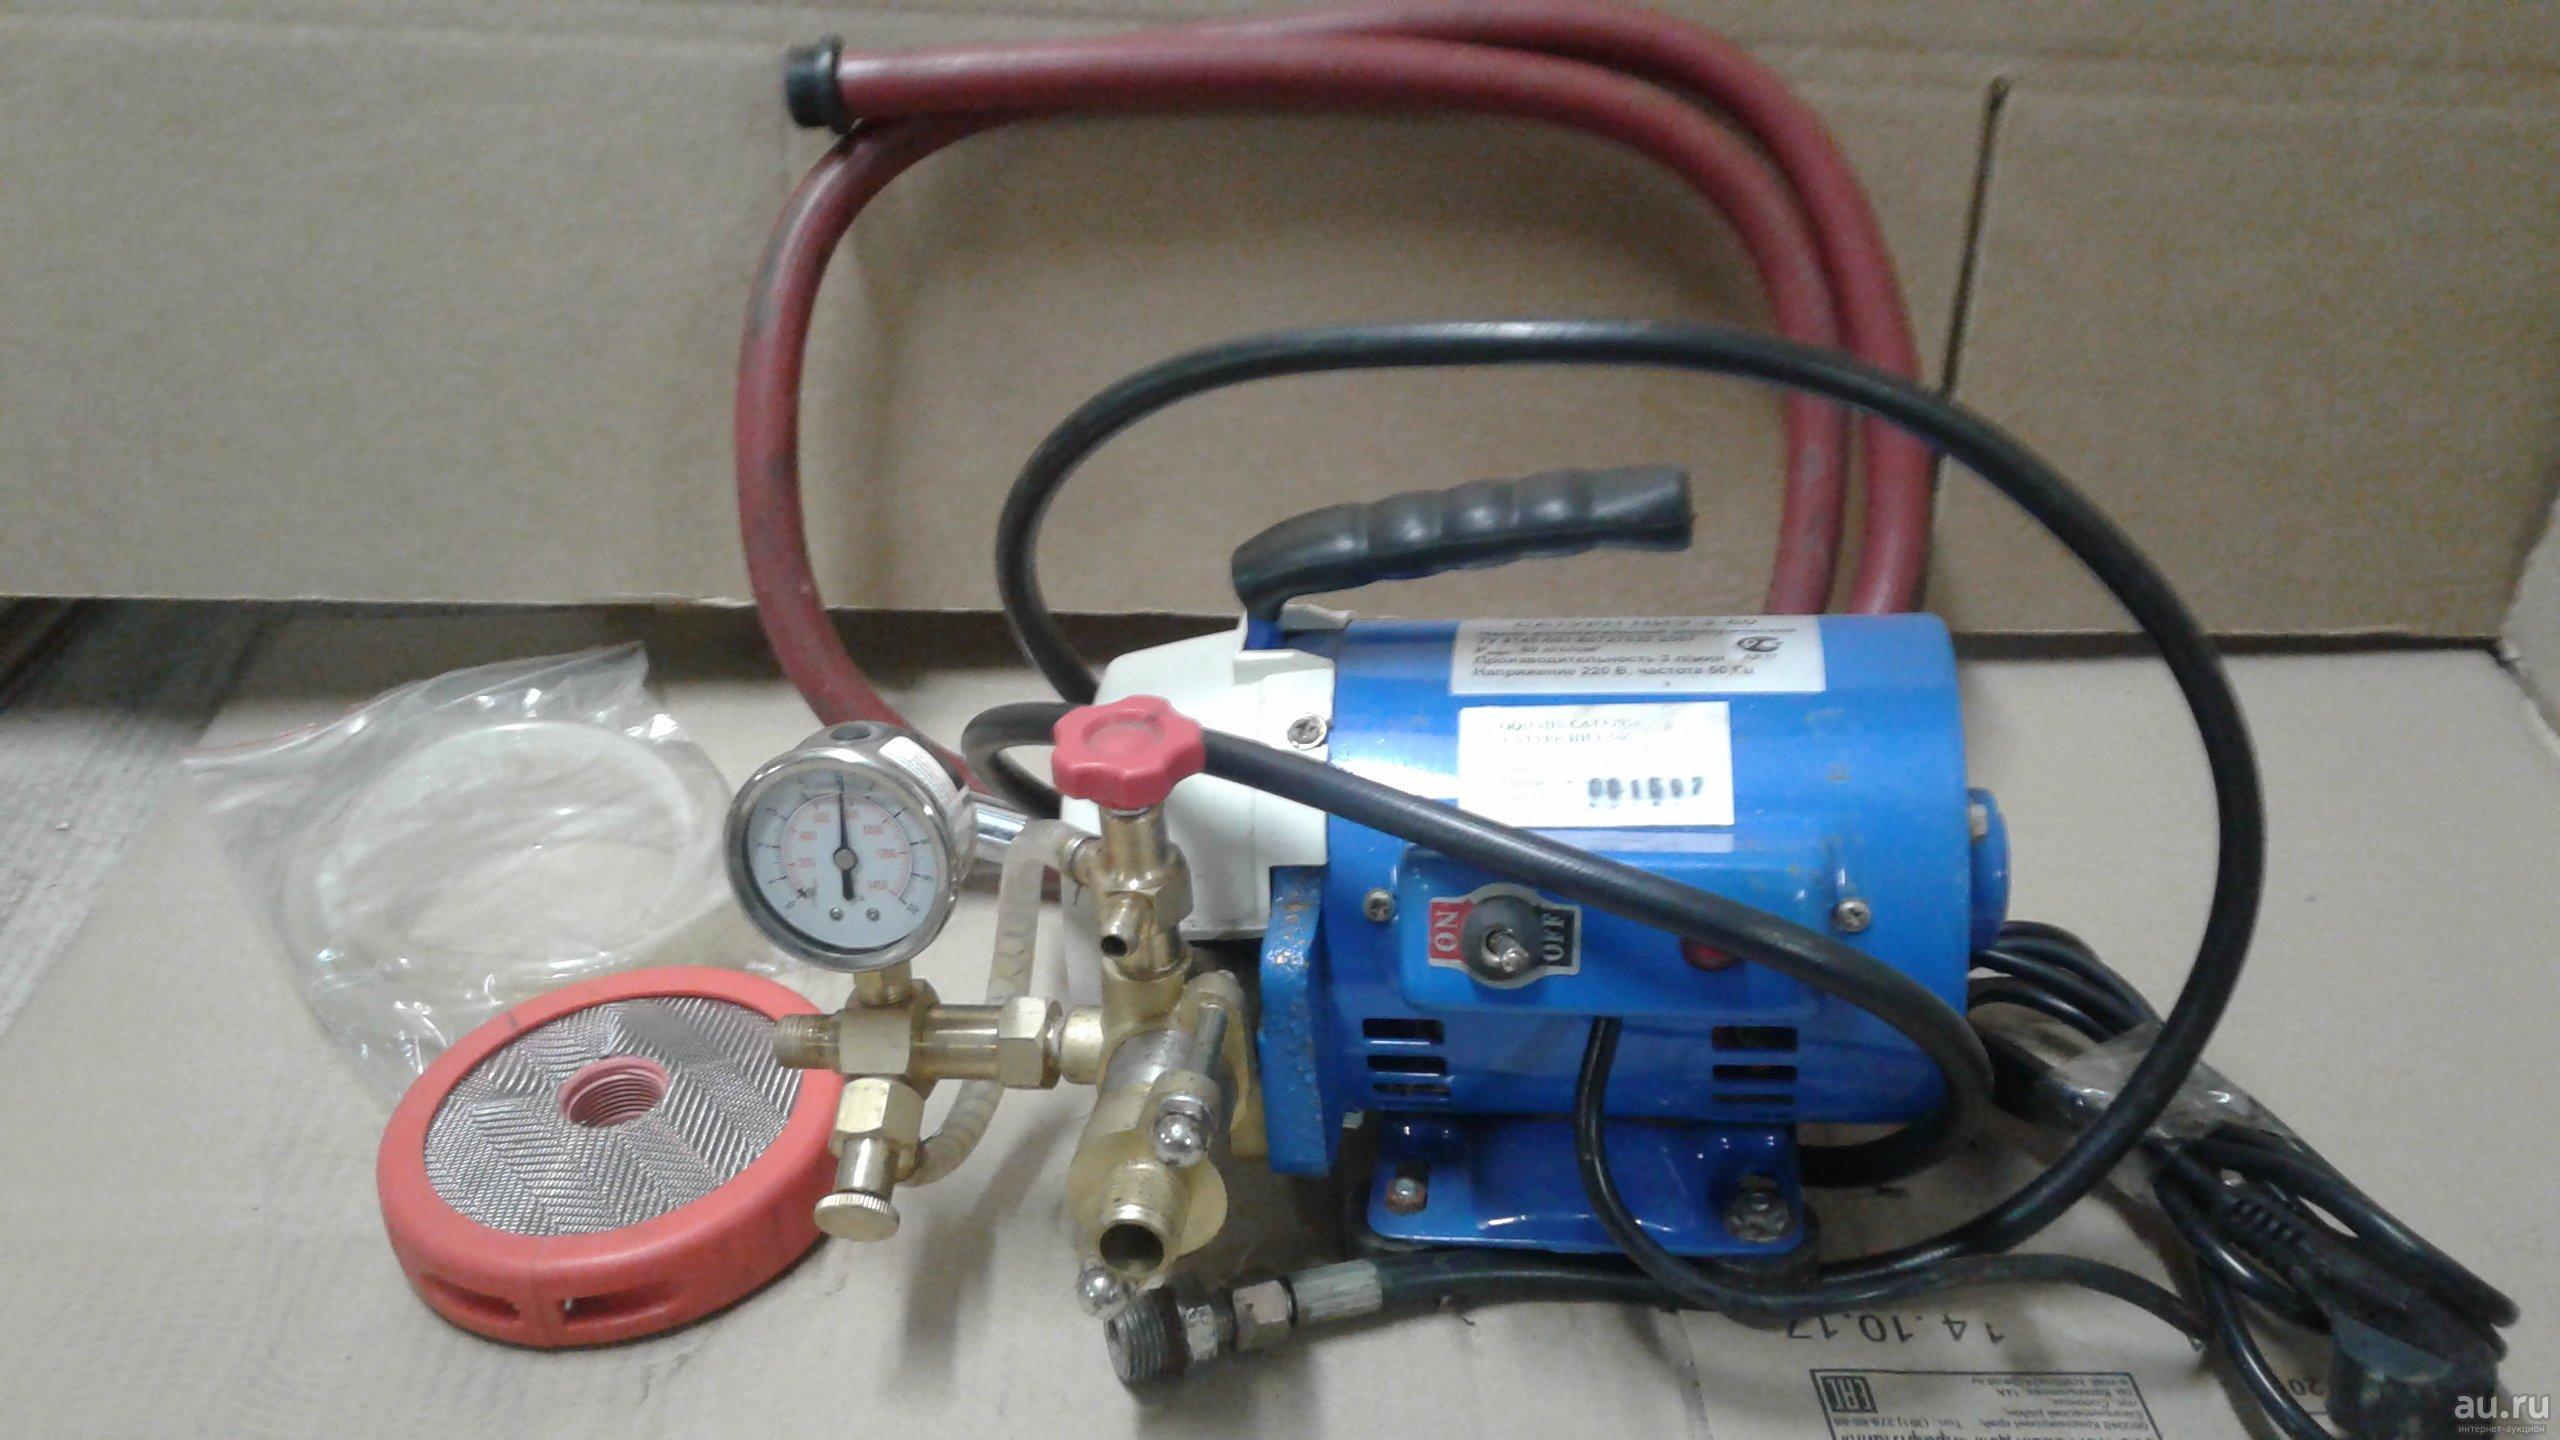 Насос опрессовочный ручной — надежный инструмент проверки герметичности и прочности трубопроводных систем